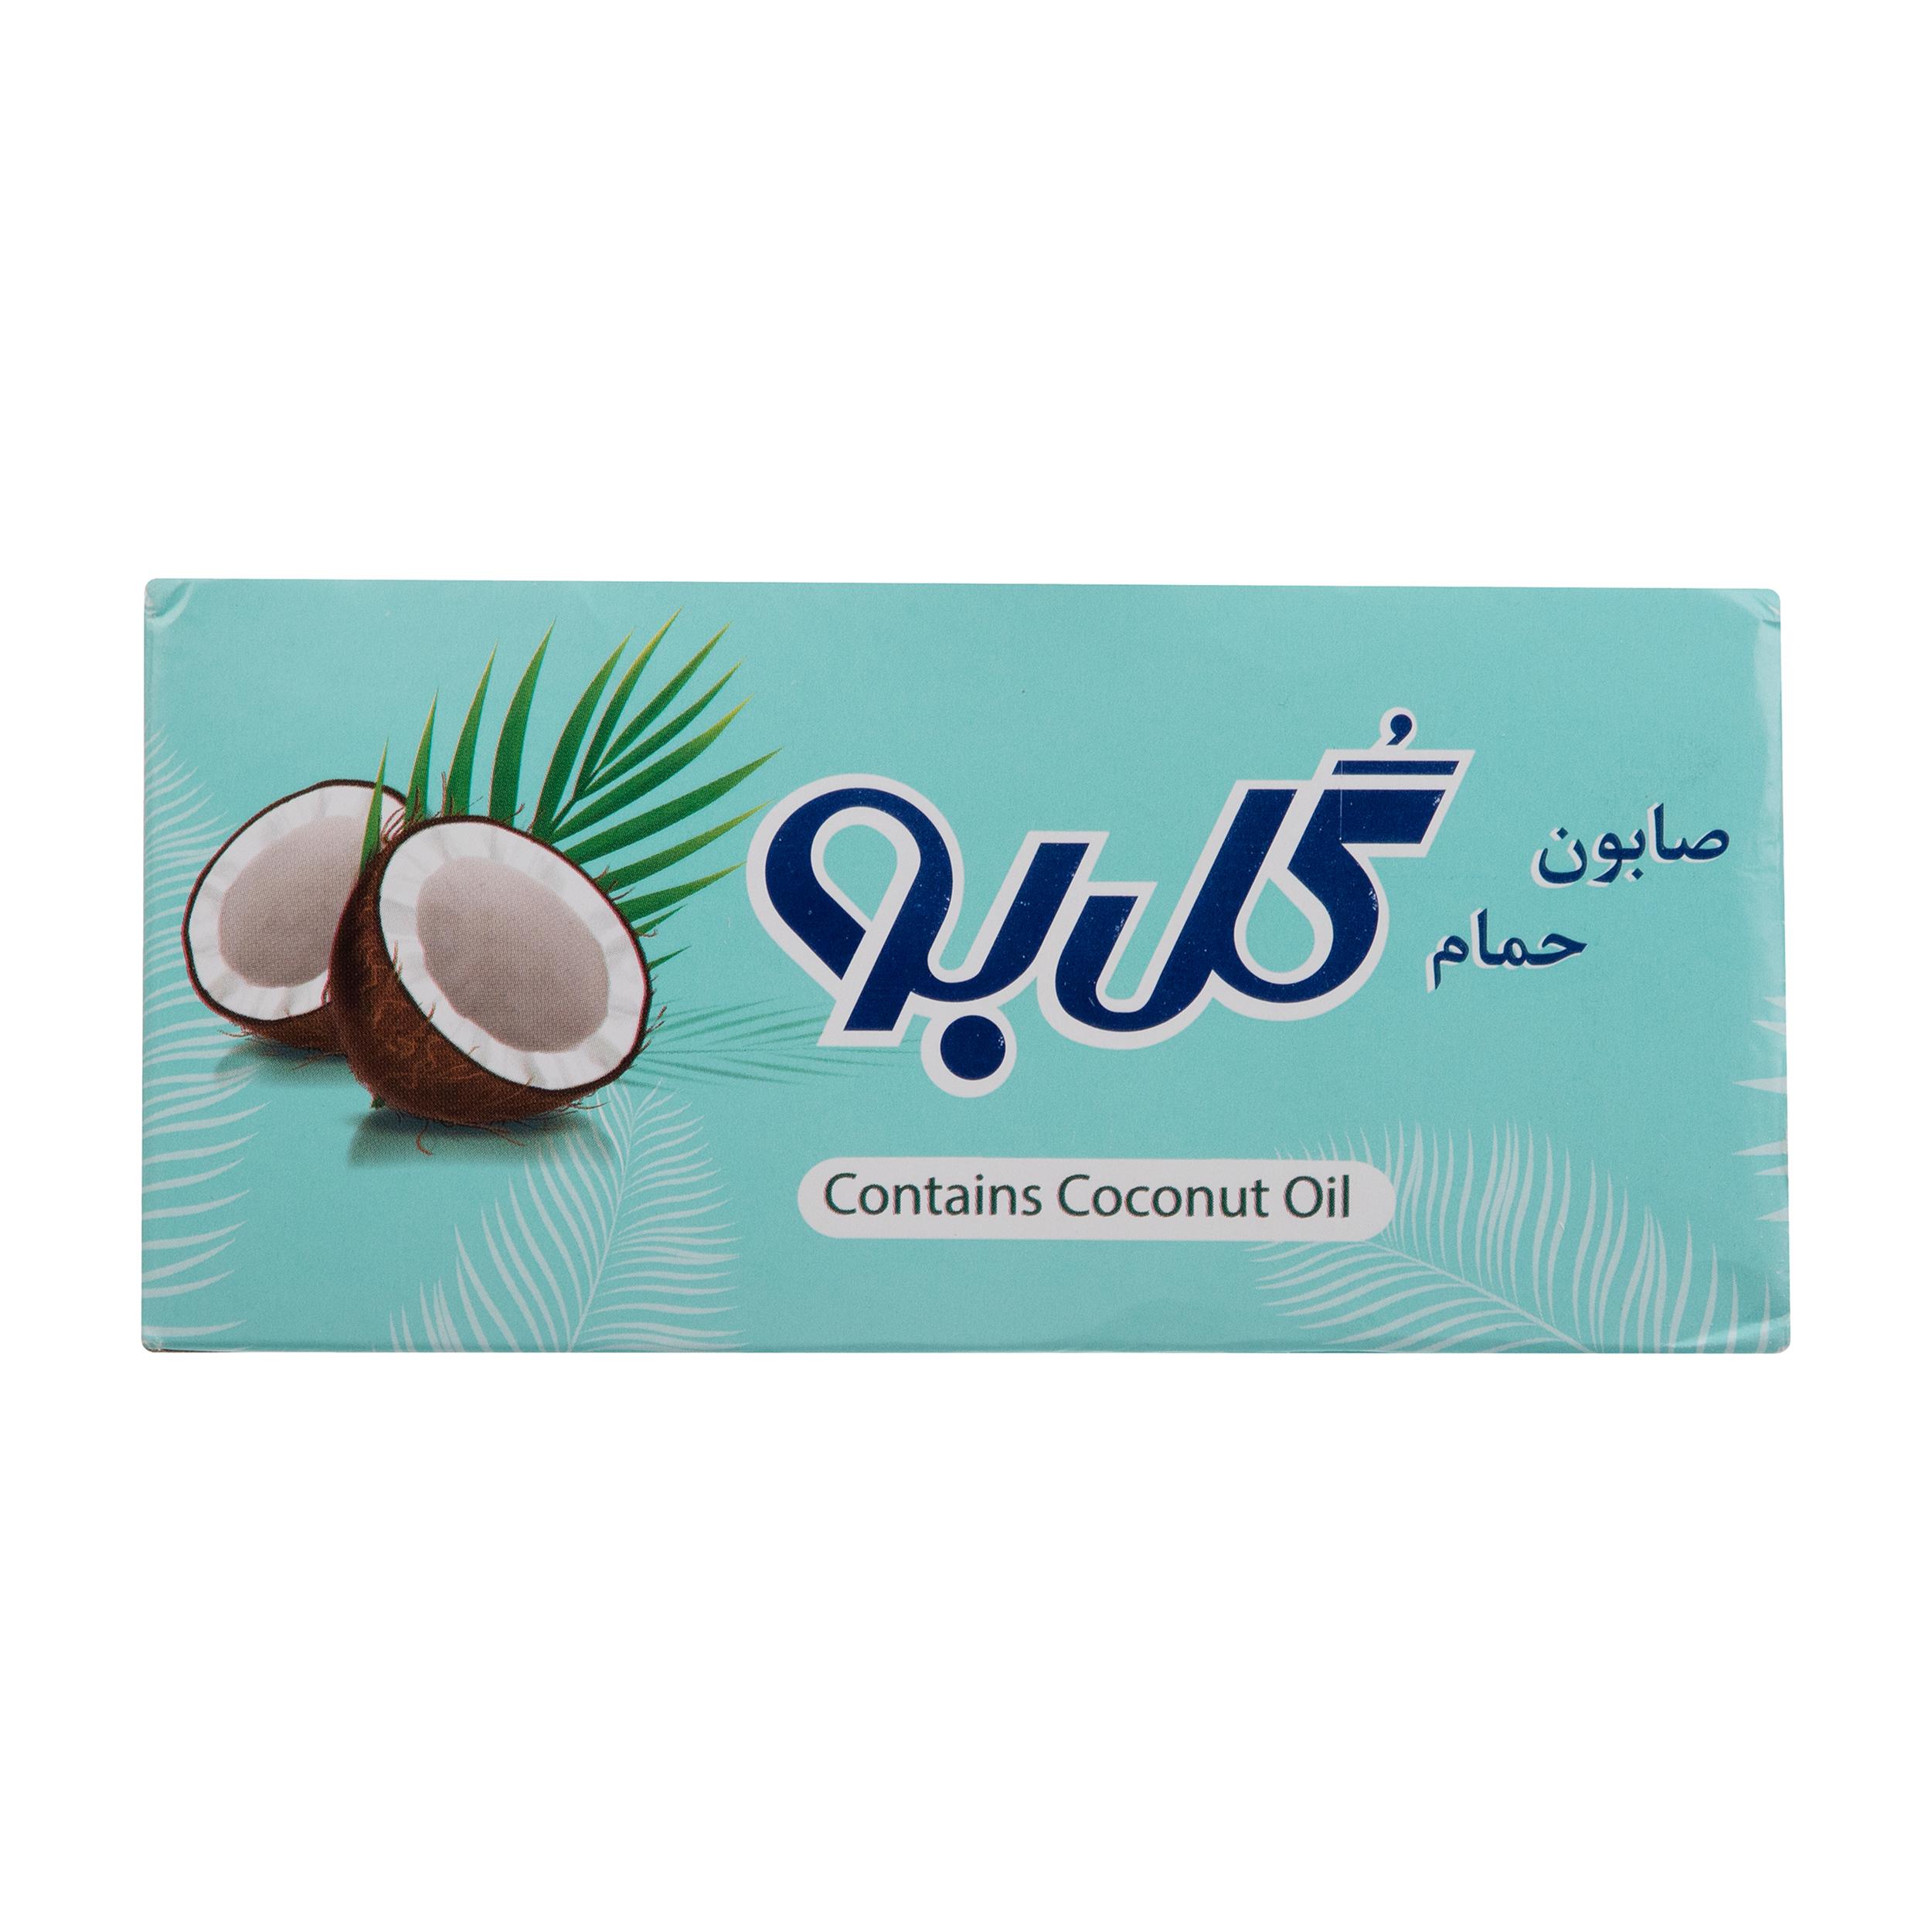 صابون شستشو گل بو مدل Coconut مقدار 120 گرم بسته 6 عددی